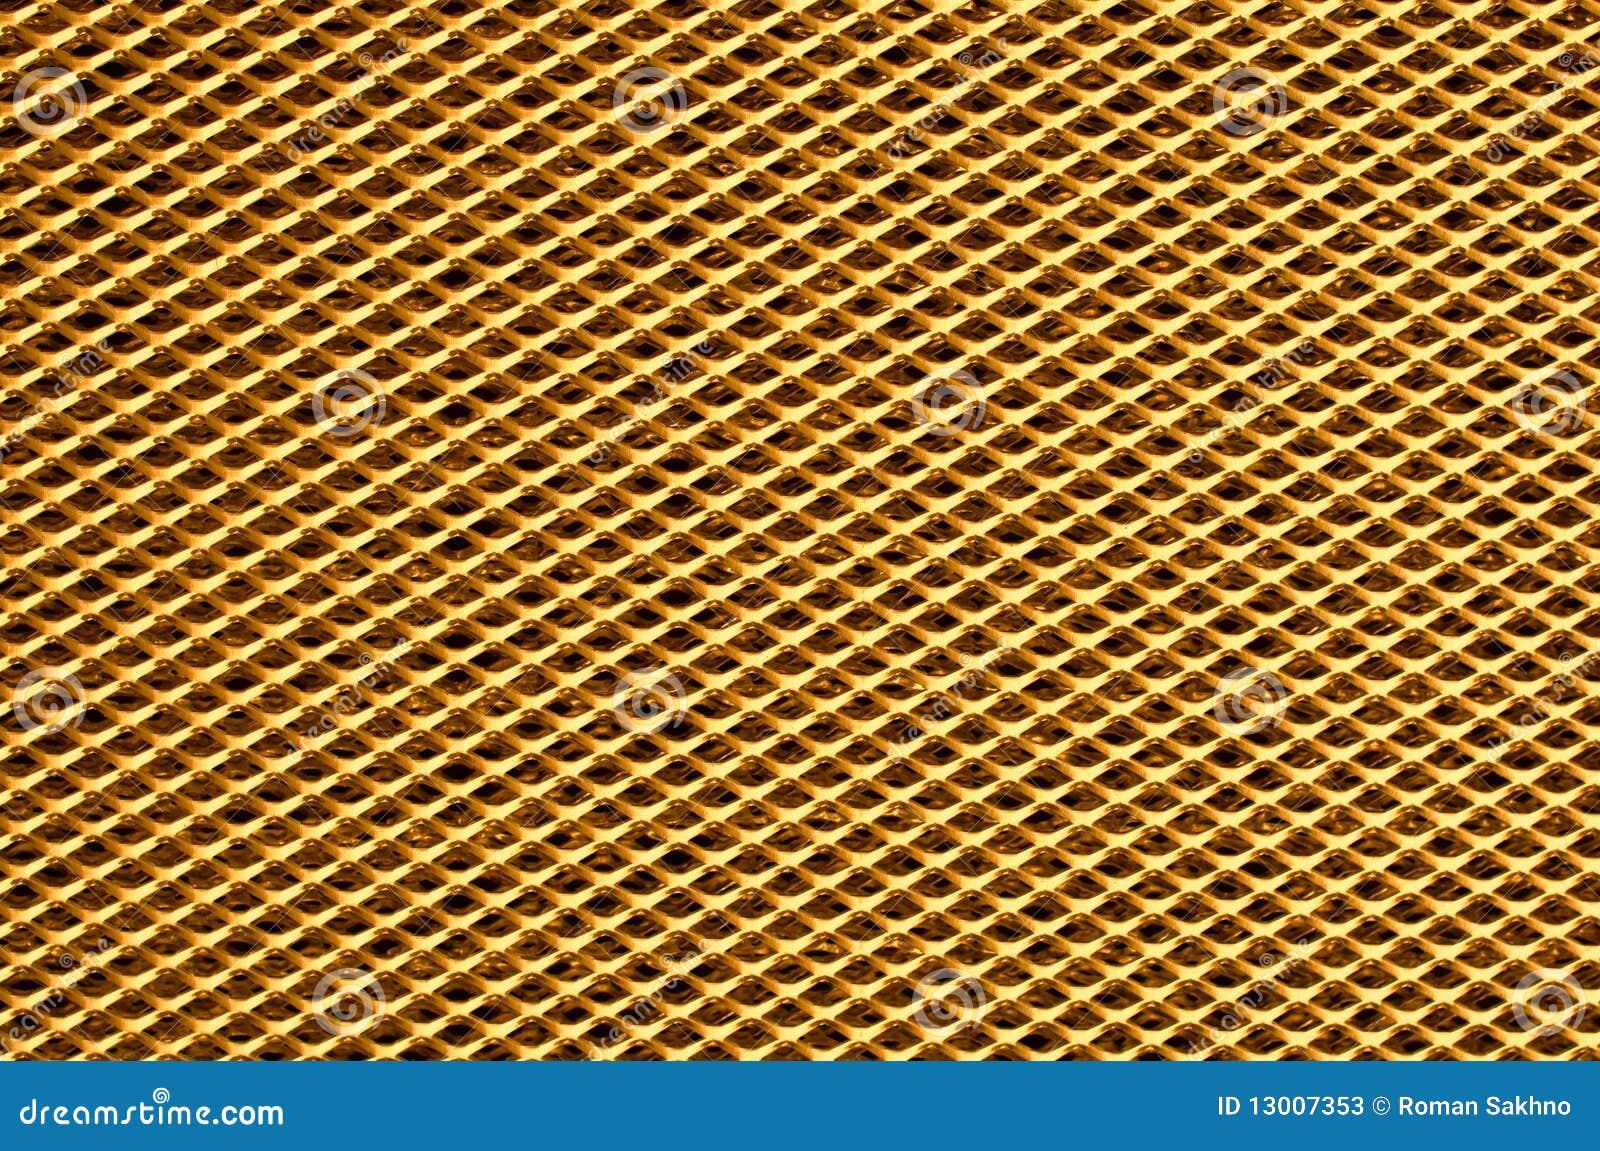 Texture Of Gold Metal Stock Photos Image 13007353